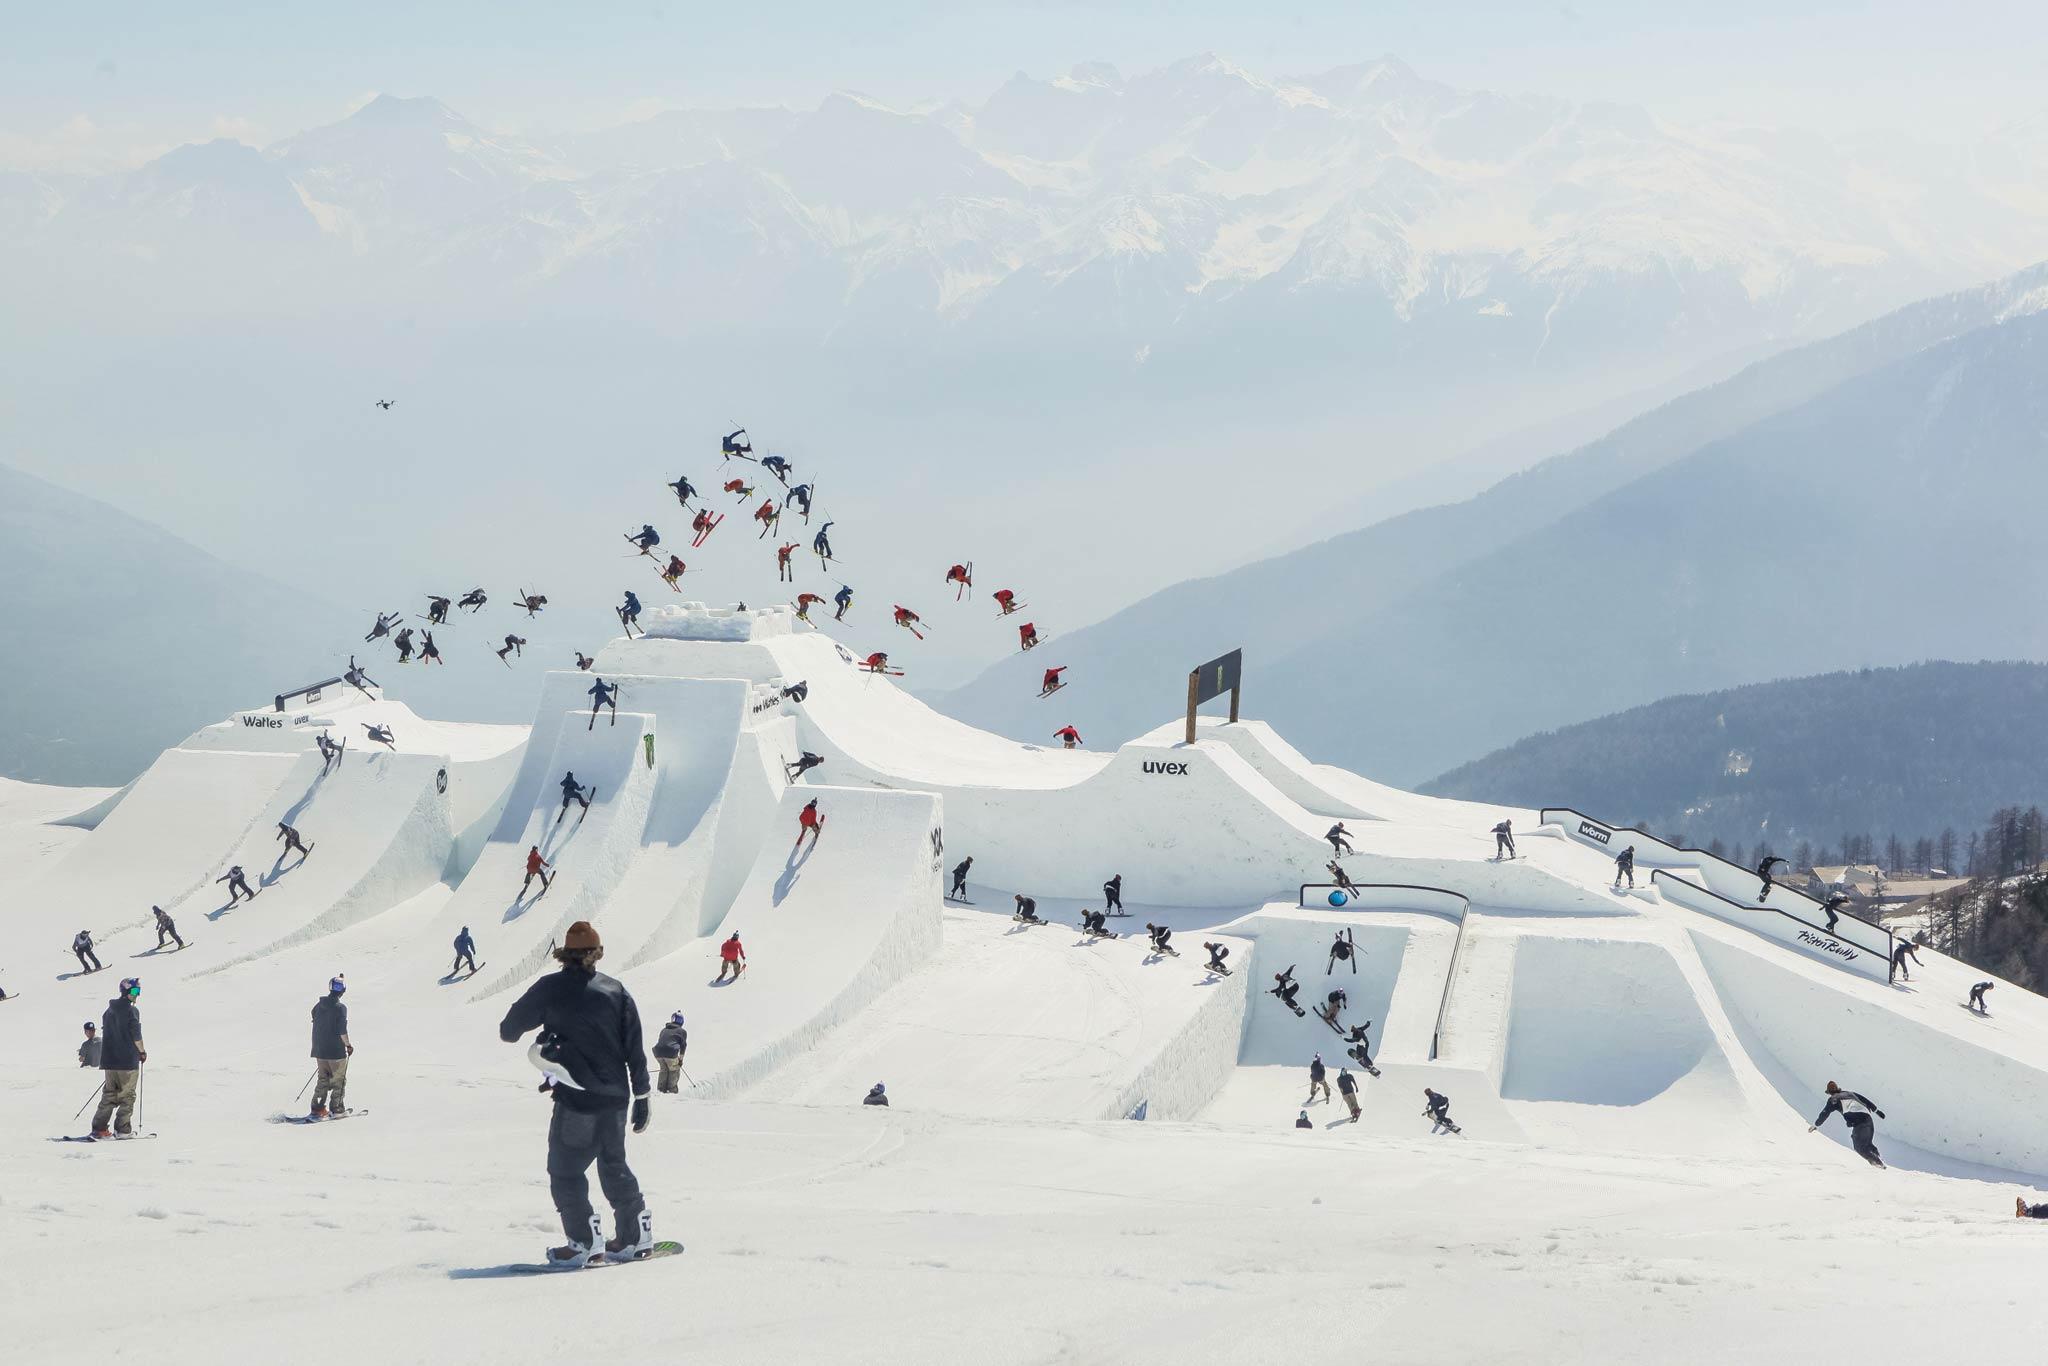 Mit immer neuen Schneekonstruktionen sorgten die Nine Knights & Queens Events in den letzten Jahren für spektakuläre Bilder - Foto: David Malacrida